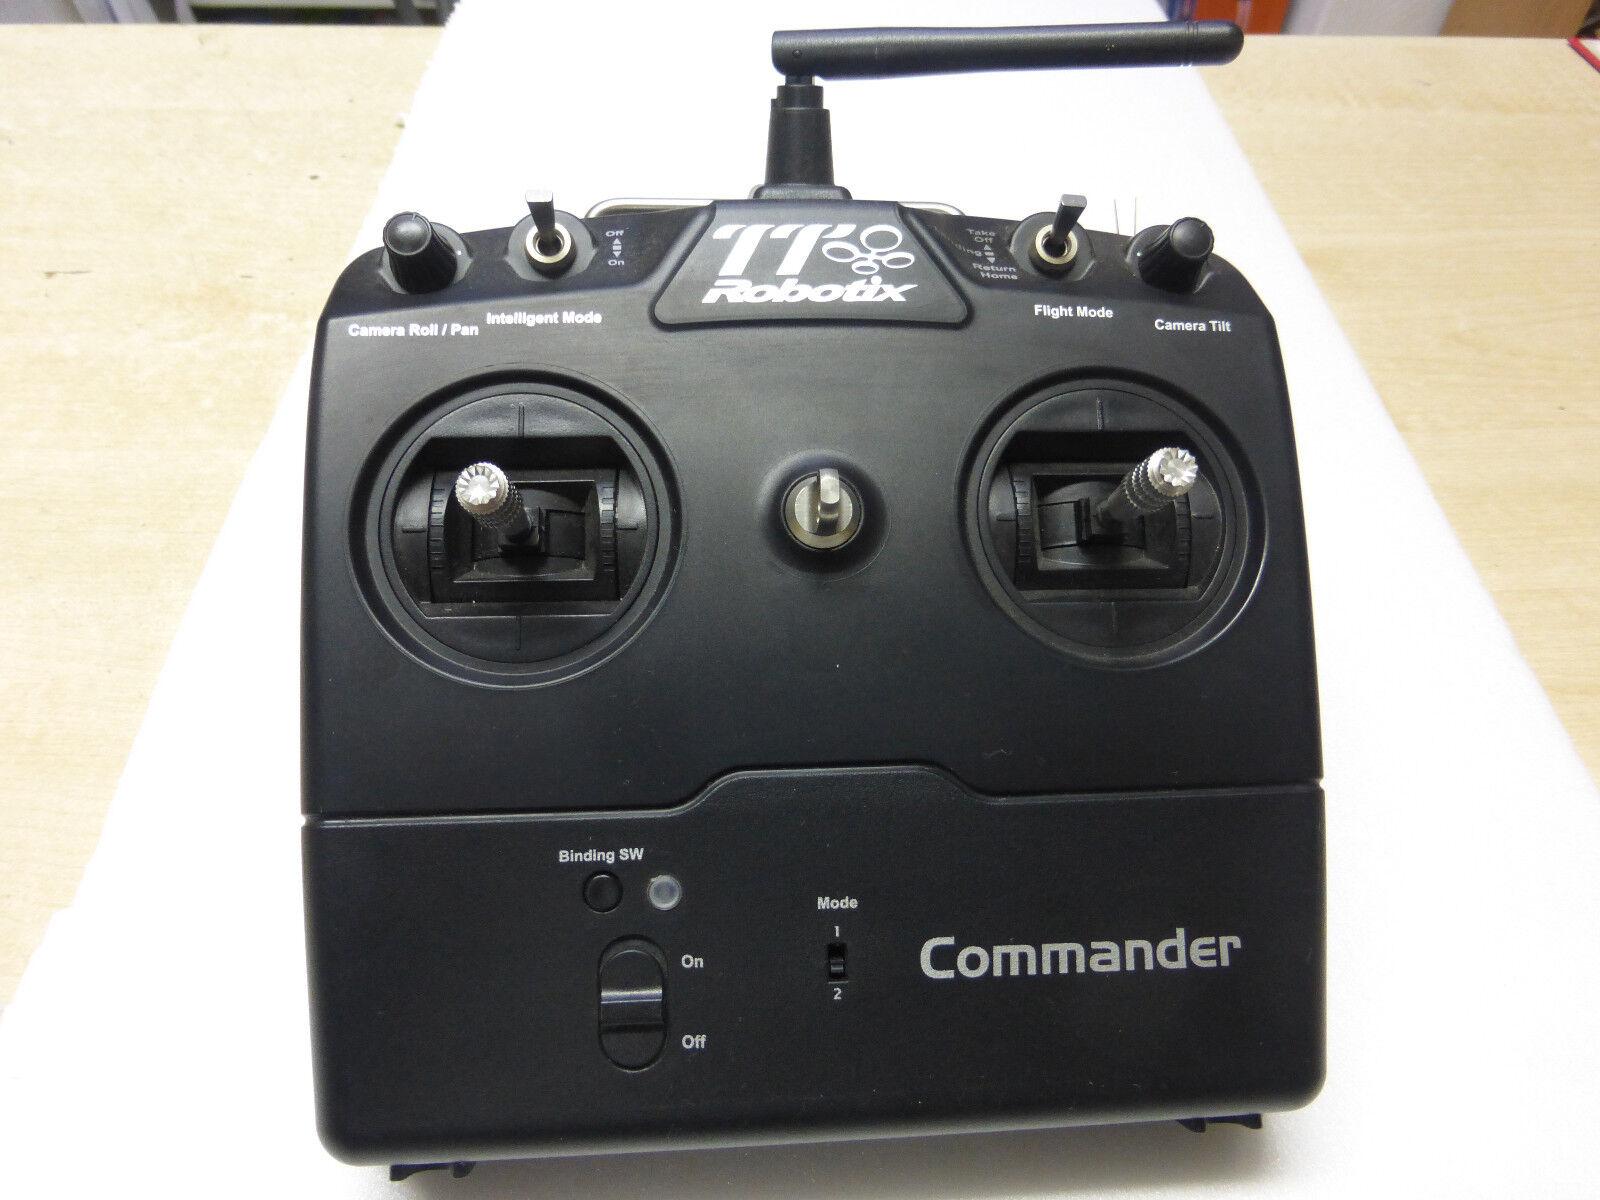 Ghost Commander a Distanza trasmettitore fiscale, GG-Robotics